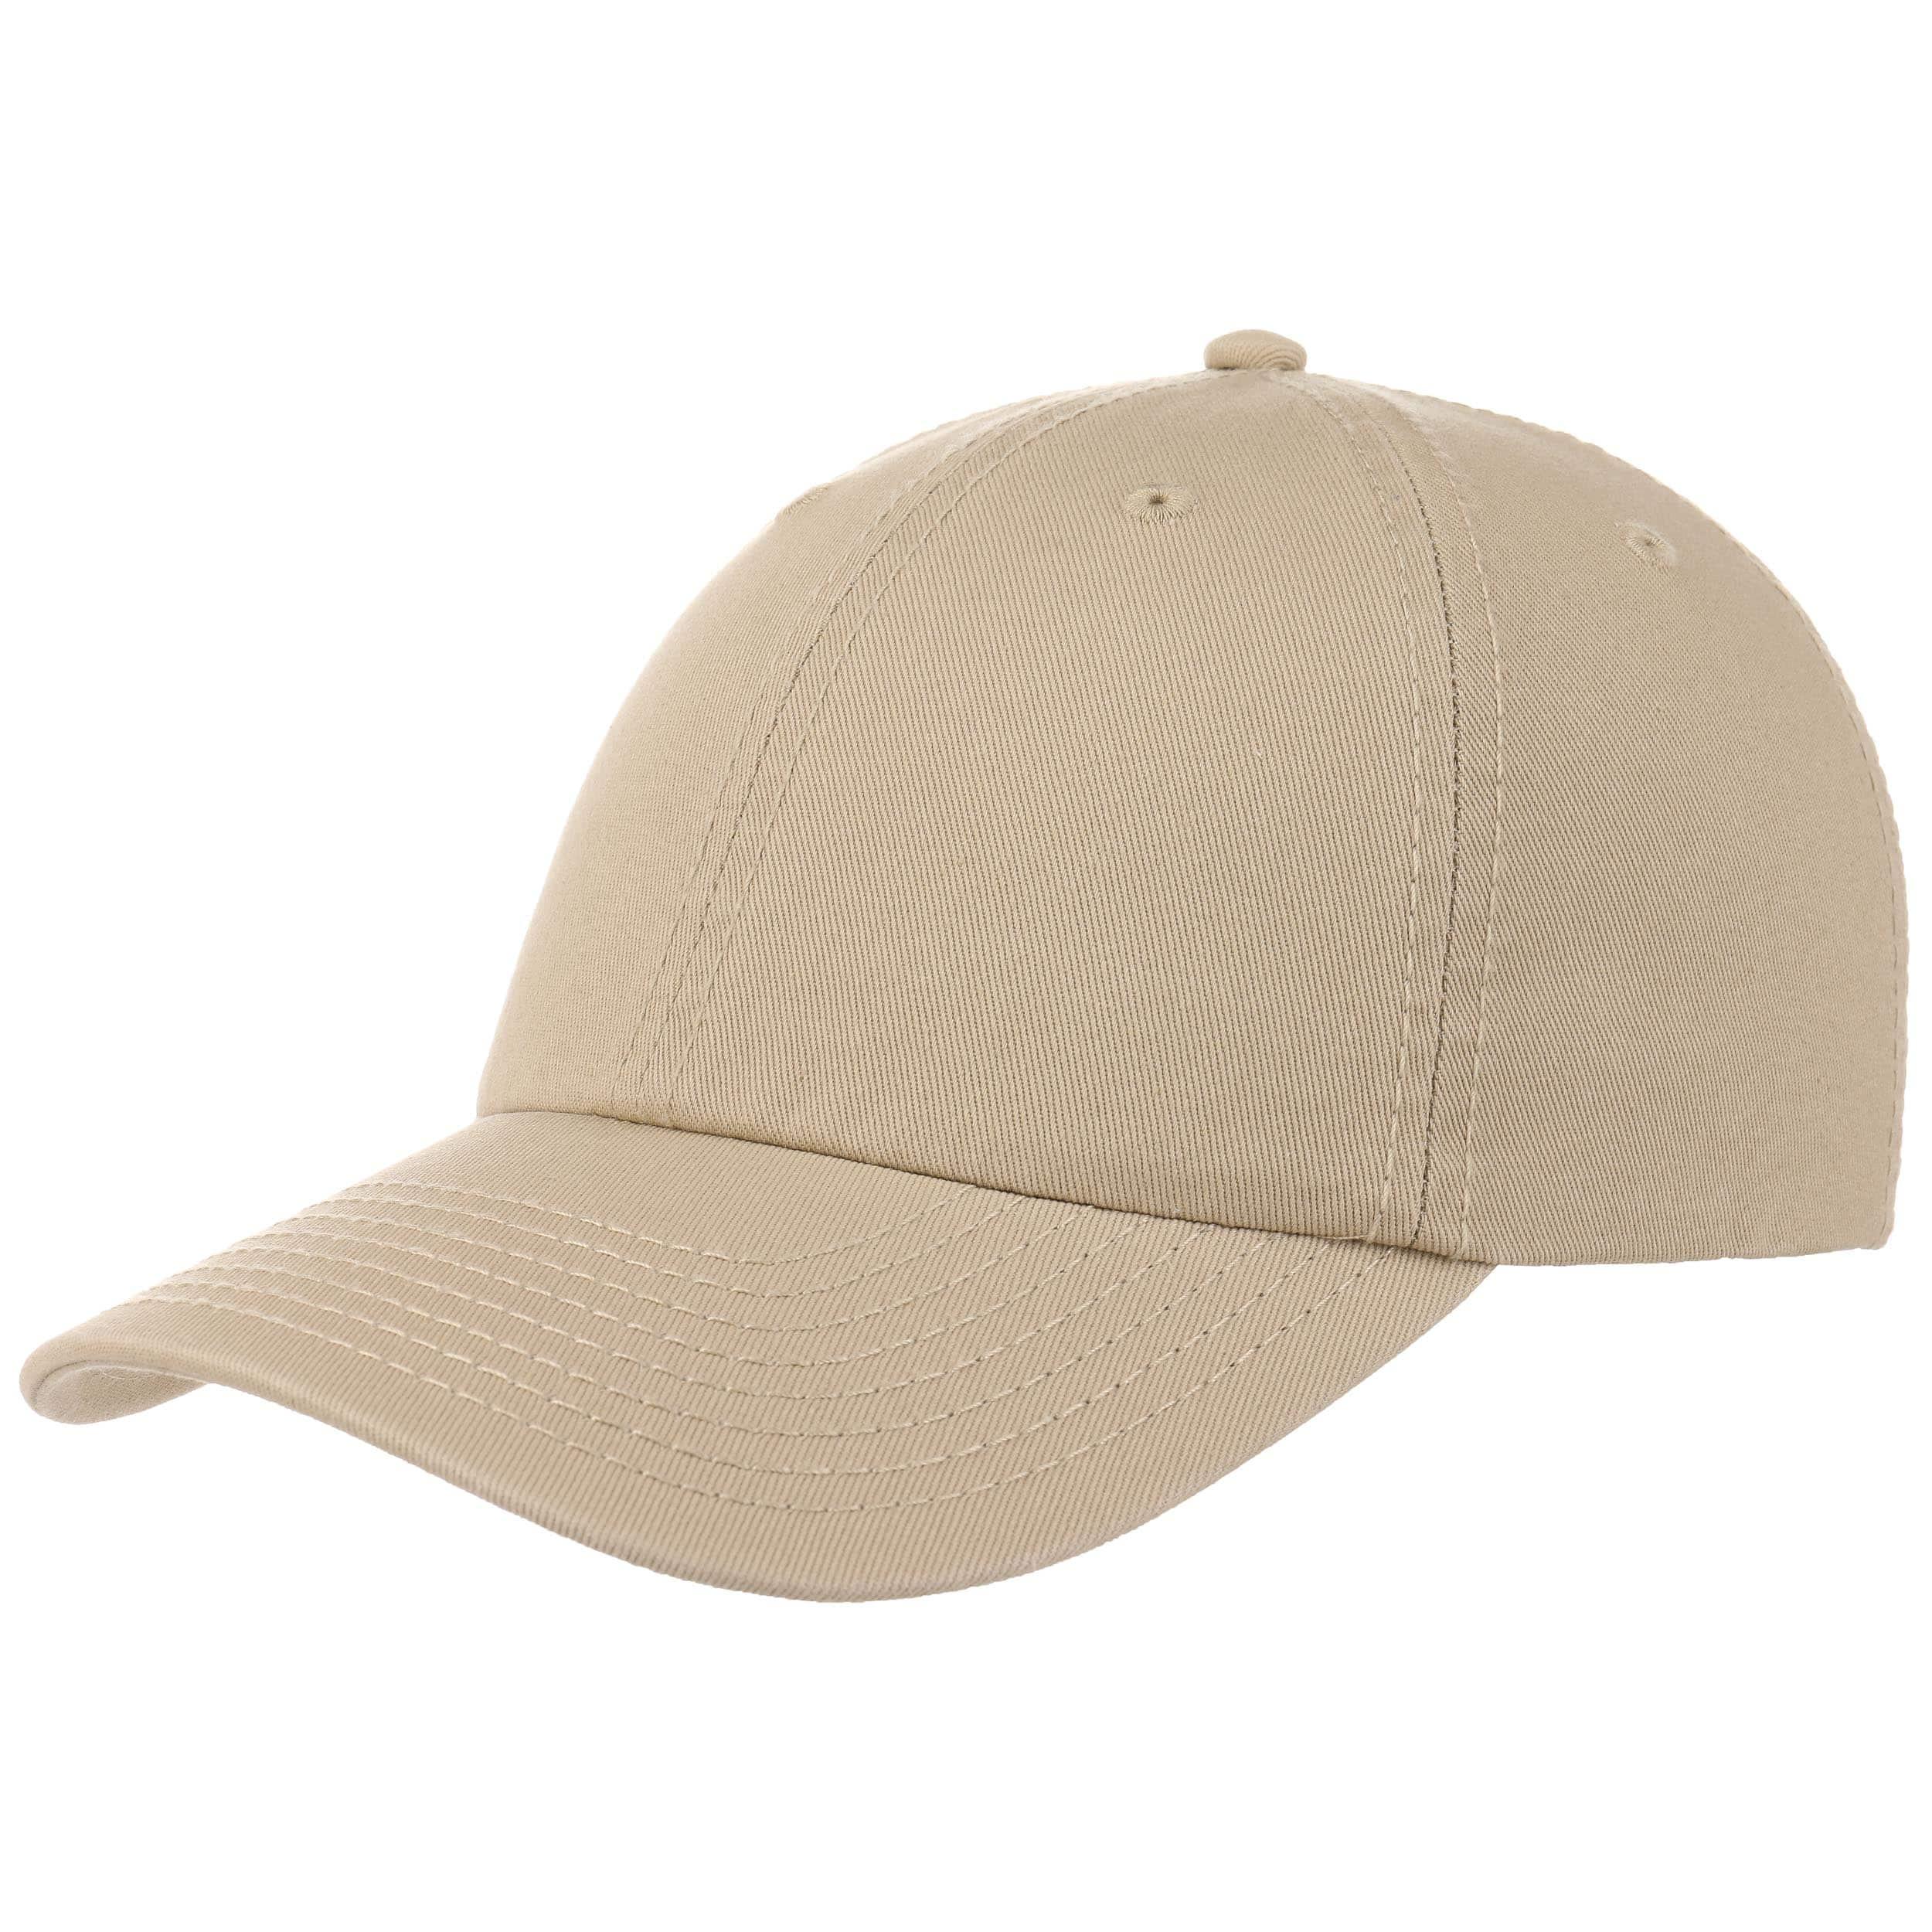 93457560e5560 Gorra Dad Hat Strapback - Gorras - sombreroshop.es